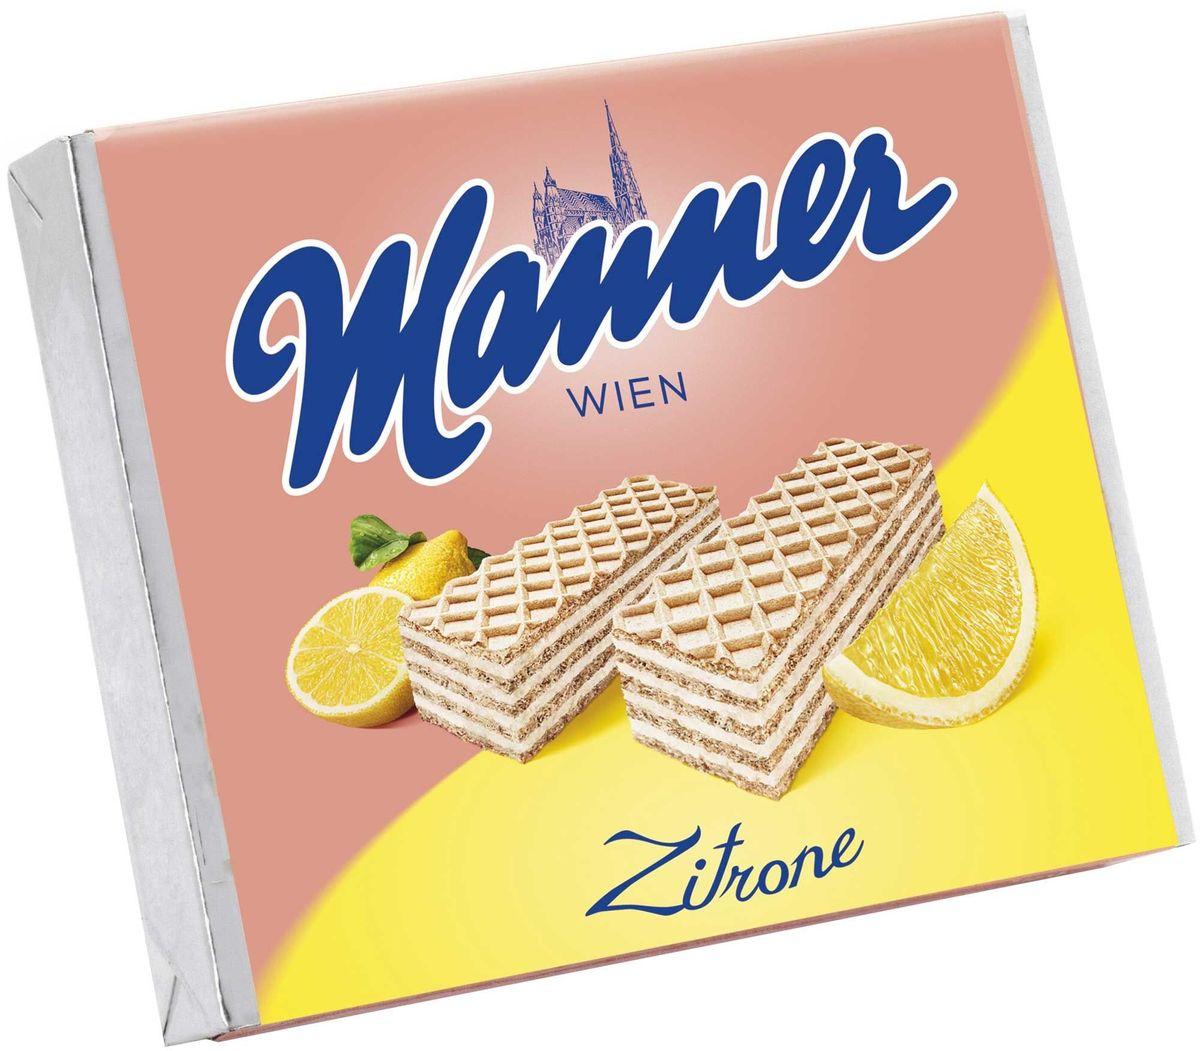 Manner вафли с лимонным кремом, 75 гидж002Josef Manner and Comp - крупнейший в Австрии производитель вафель. Кондитерская продукция высшего качества. Вкус Вены - Собор Святого Стефана на упаковке - зарегистрированная торговая марка. Фирменный цвет компании розовый. Производится только в Австрии. Контроль процесса от выращивания какао бобов до шоколадной плитки. Оригинальные рецепты. Уникальный и узнаваемый вкус.